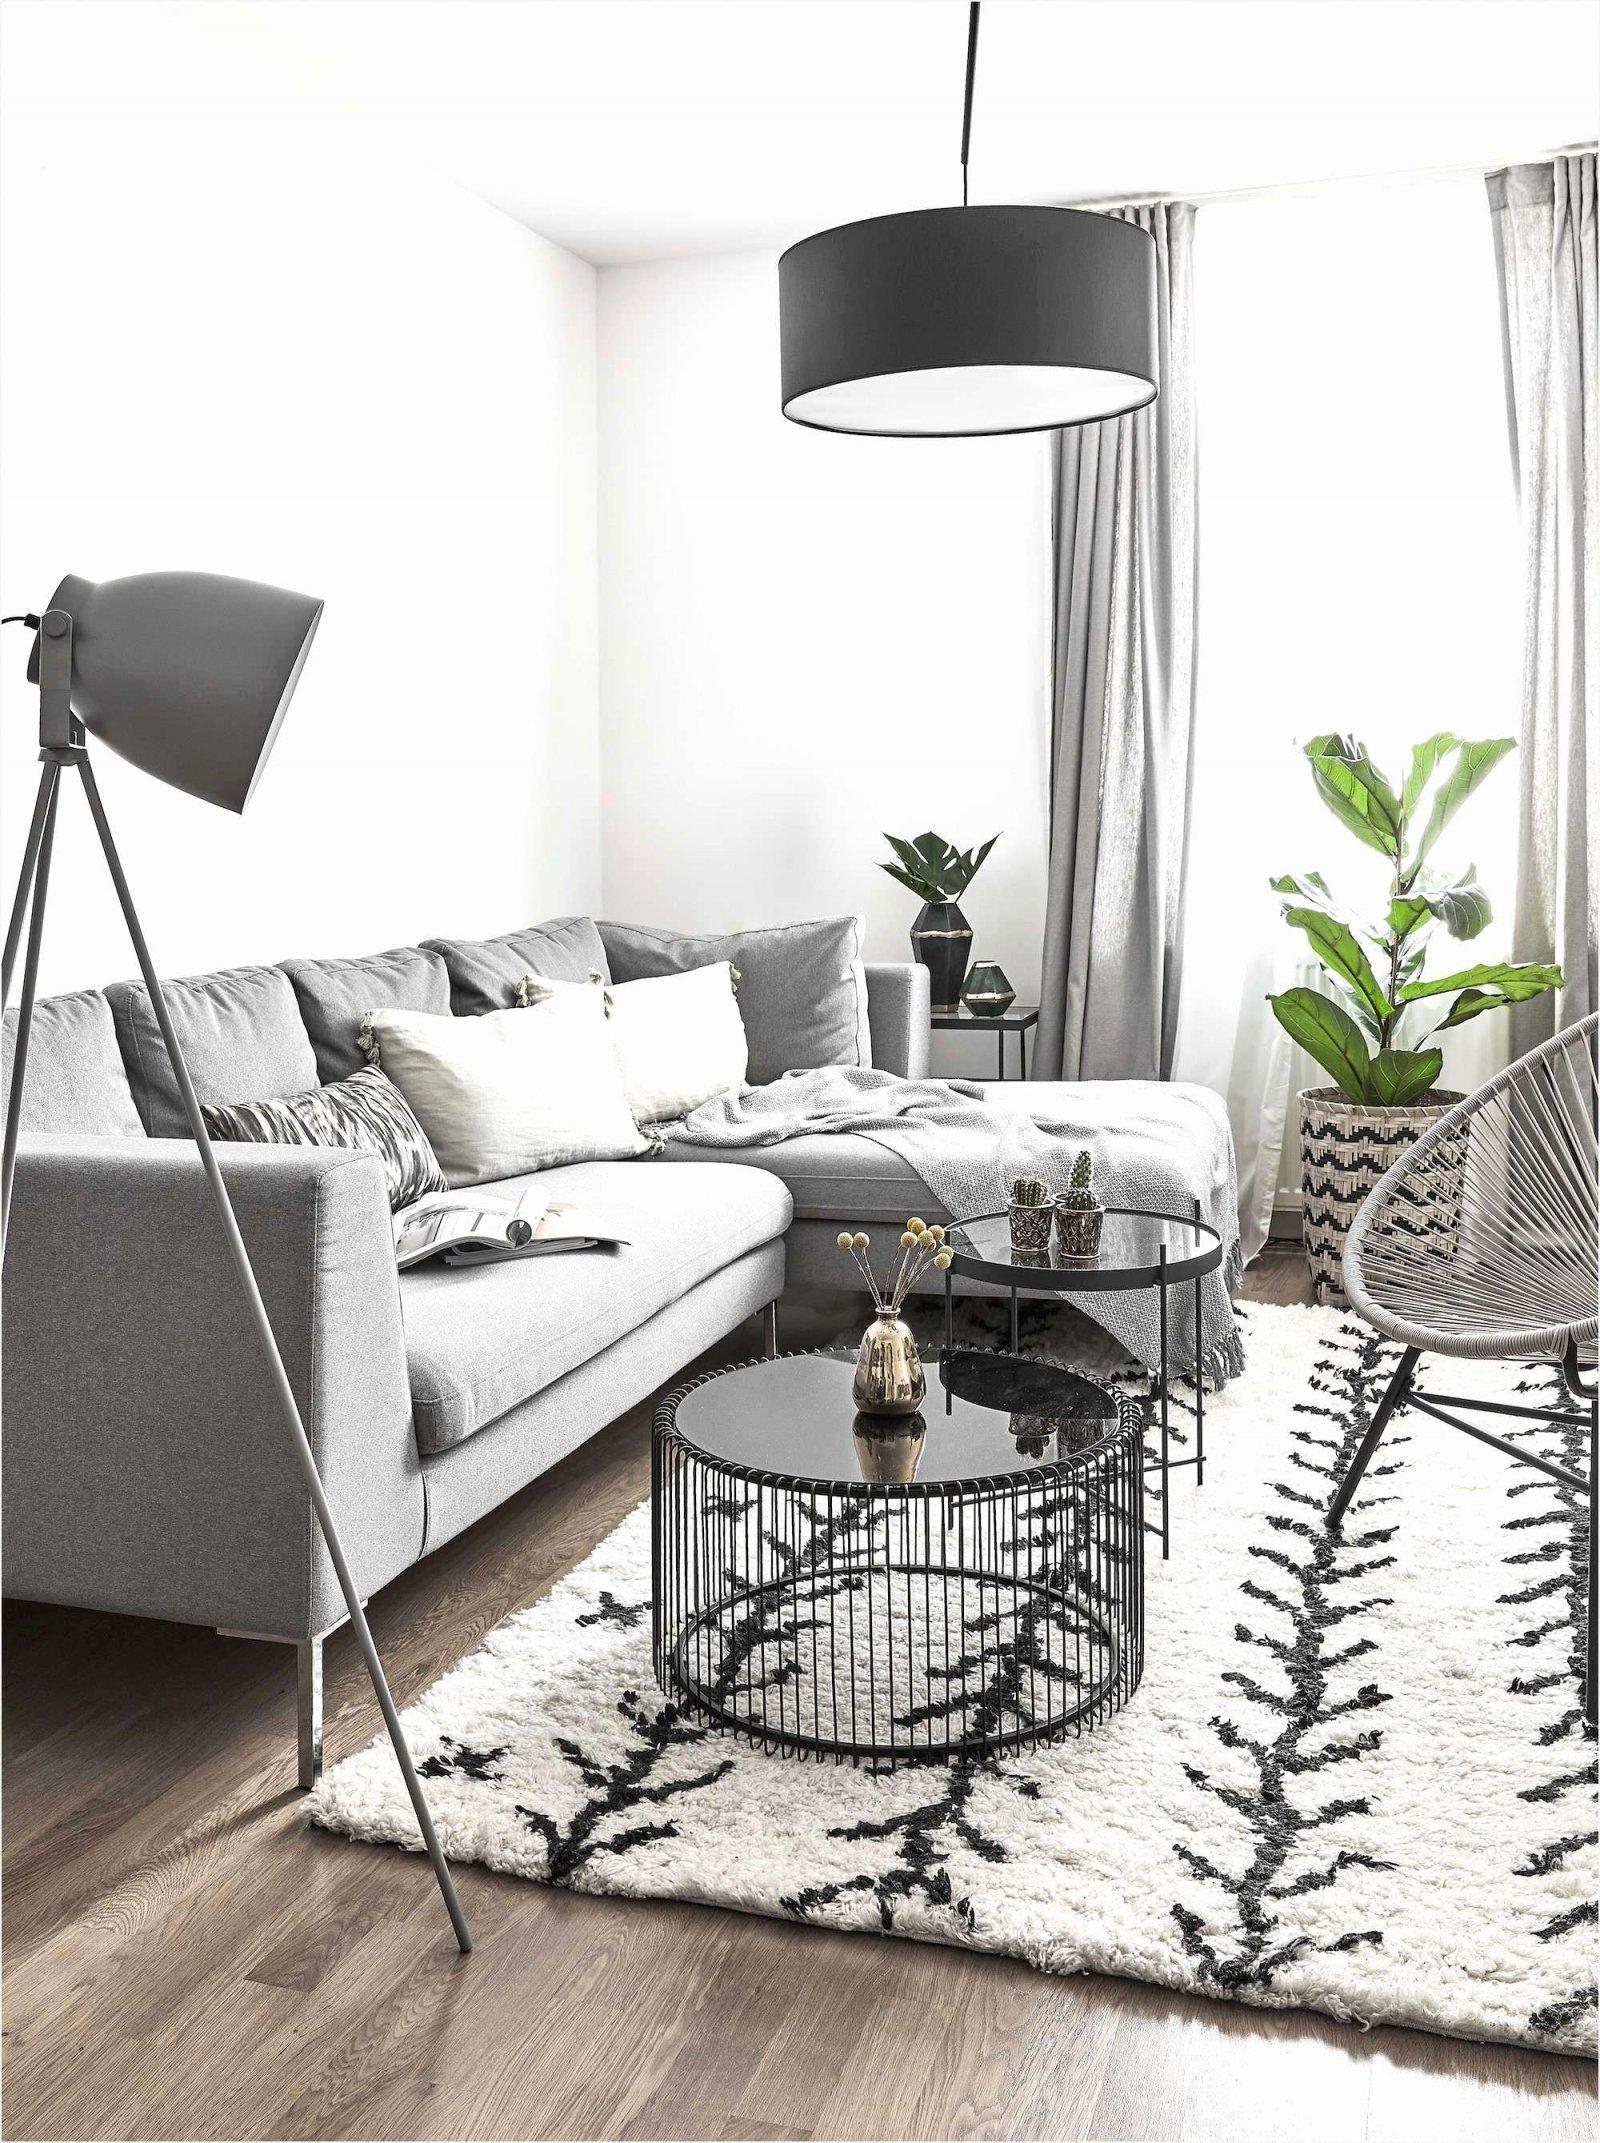 landhaus deko selber machen mit landhausstil deko selber machen haus bauen 15 und 45 luxus tischdeko aus holz galerie vervollstandigen sie von landhausstil deko selber machen bild mit landhaus dek